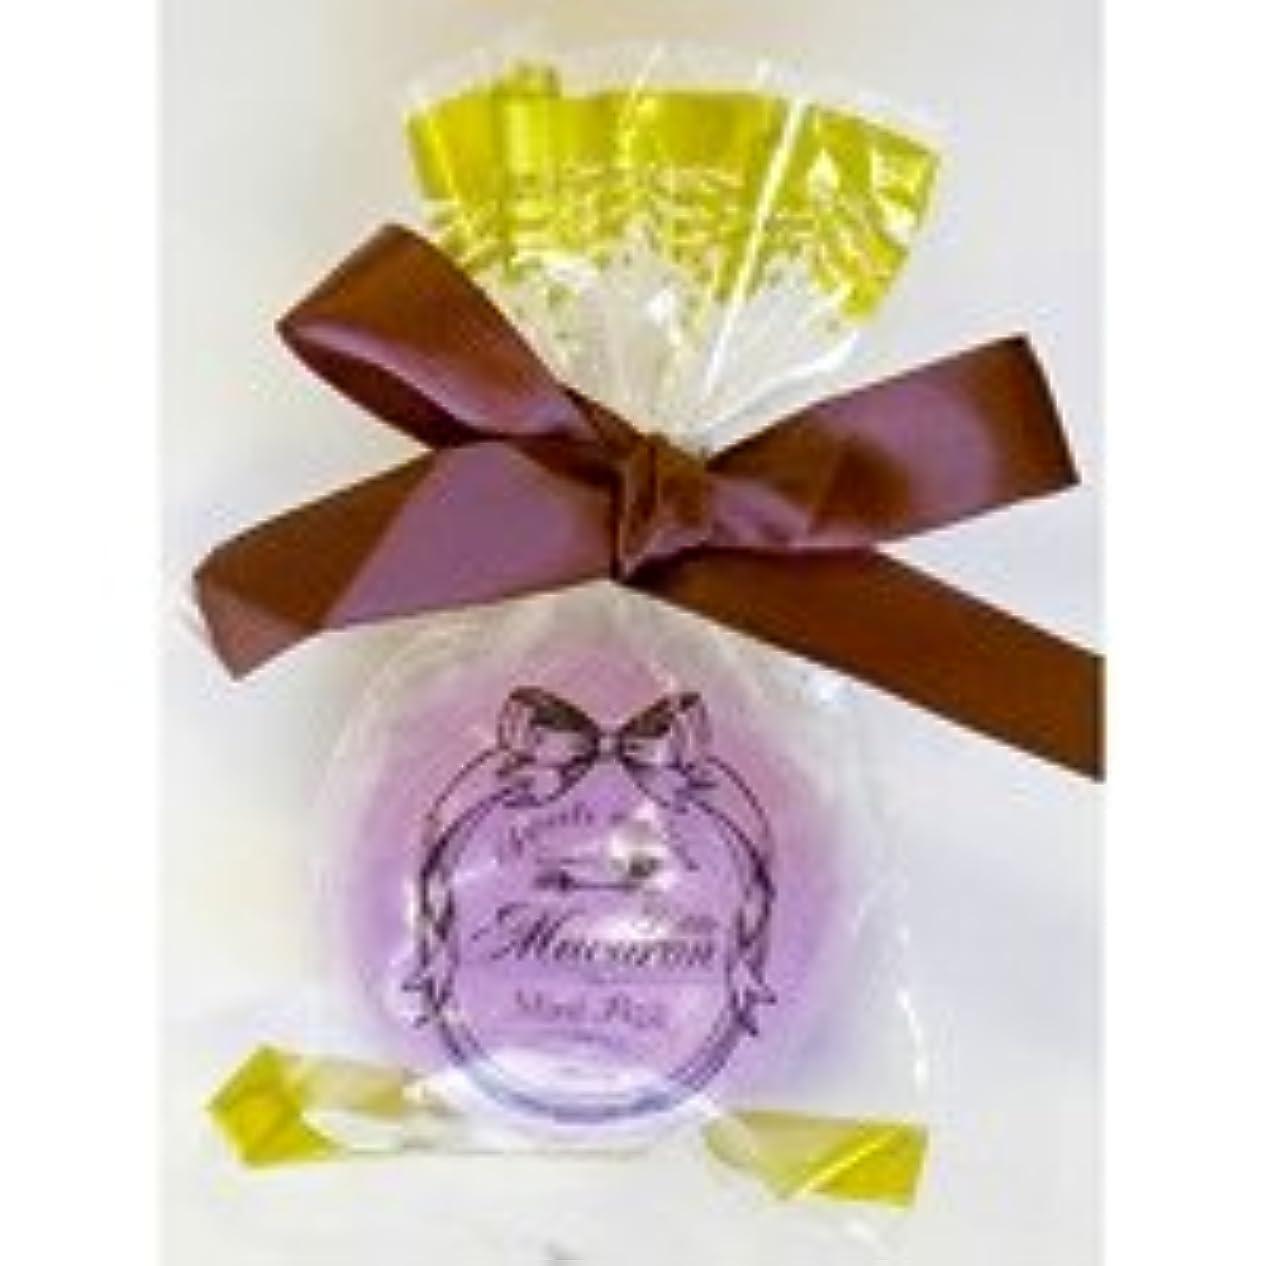 影響する教える砂スウィーツメゾン プチマカロンフィズ「パープル」12個セット フルーティーなザクロの香り